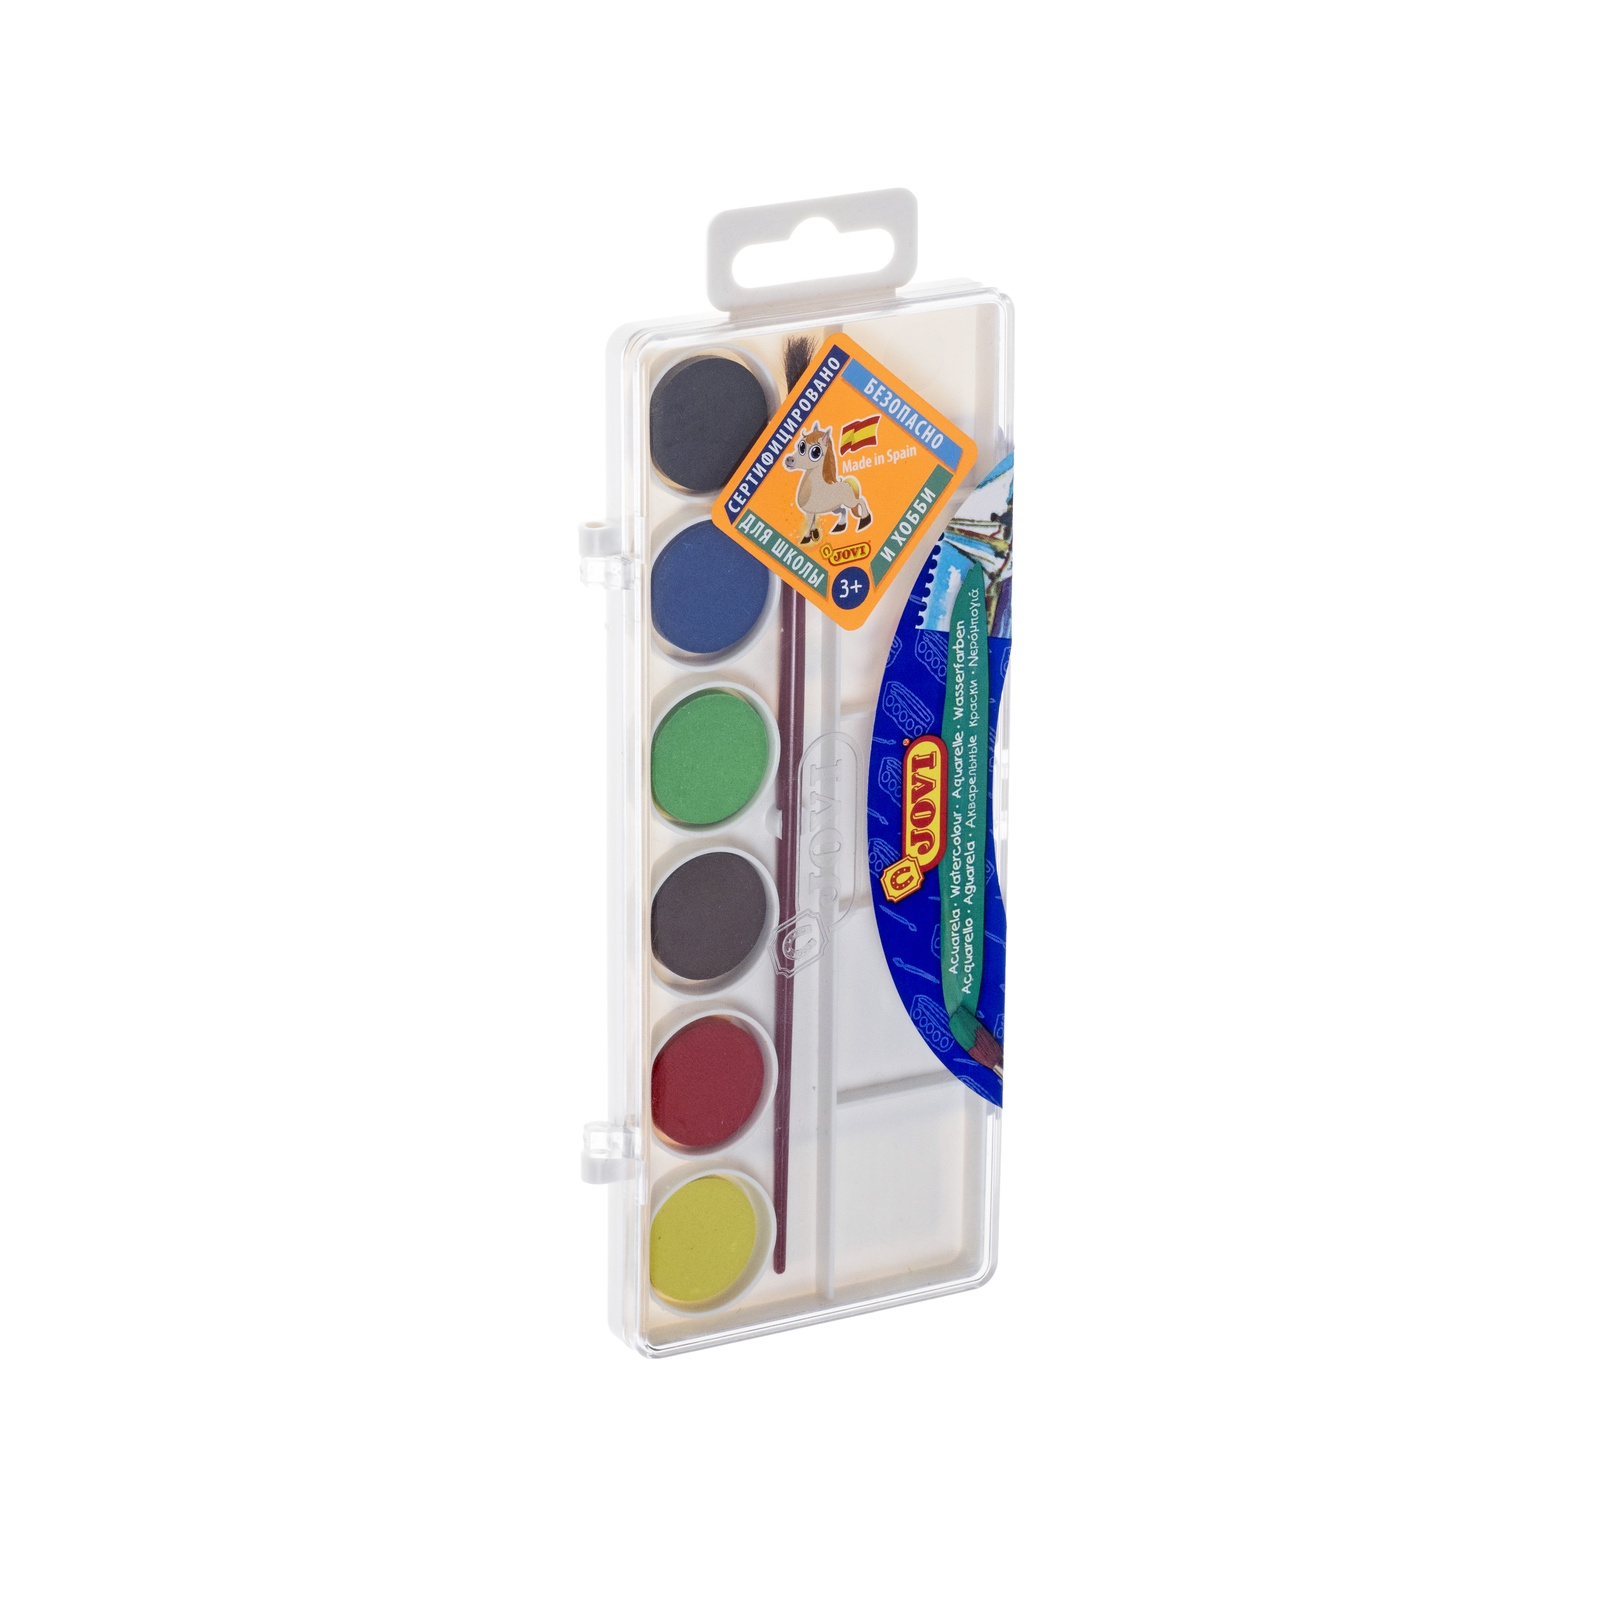 Краски акварельные JOVI Акварель d22мм 6 цв с кистью с европодвесом арт. 800/6 акварель jovi с кистью 6 цветов